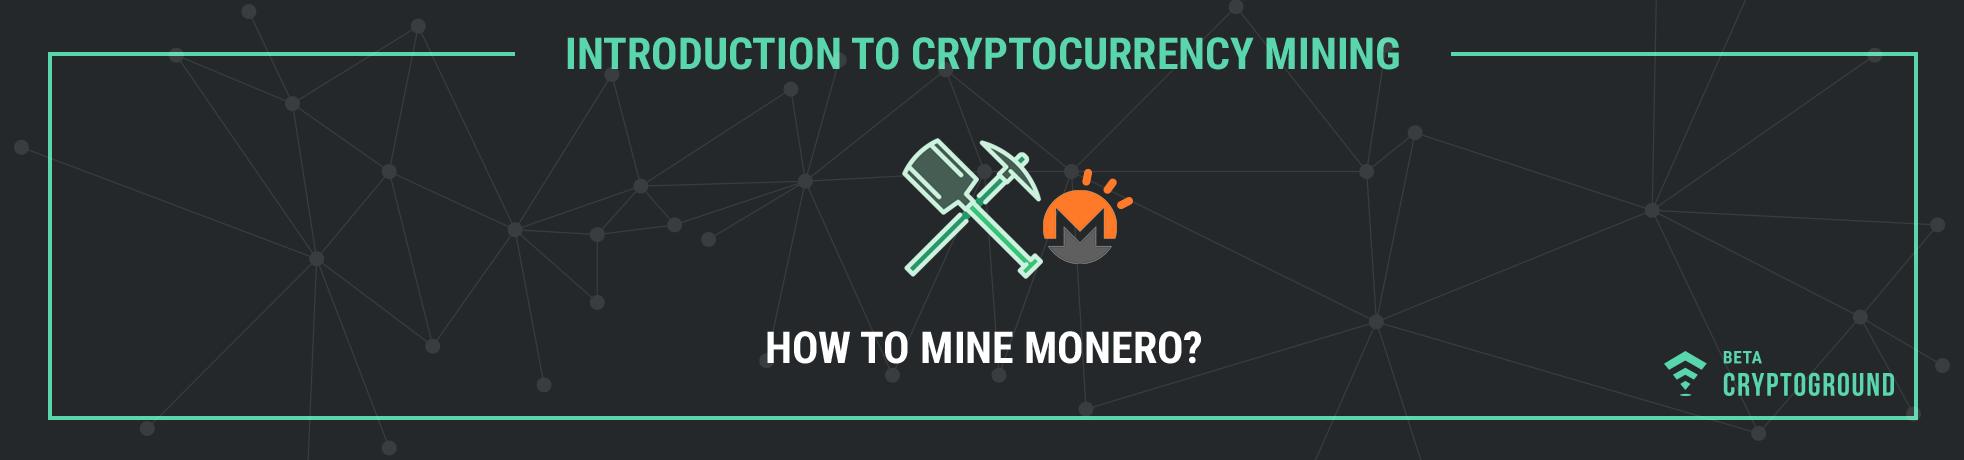 How to mine monero?